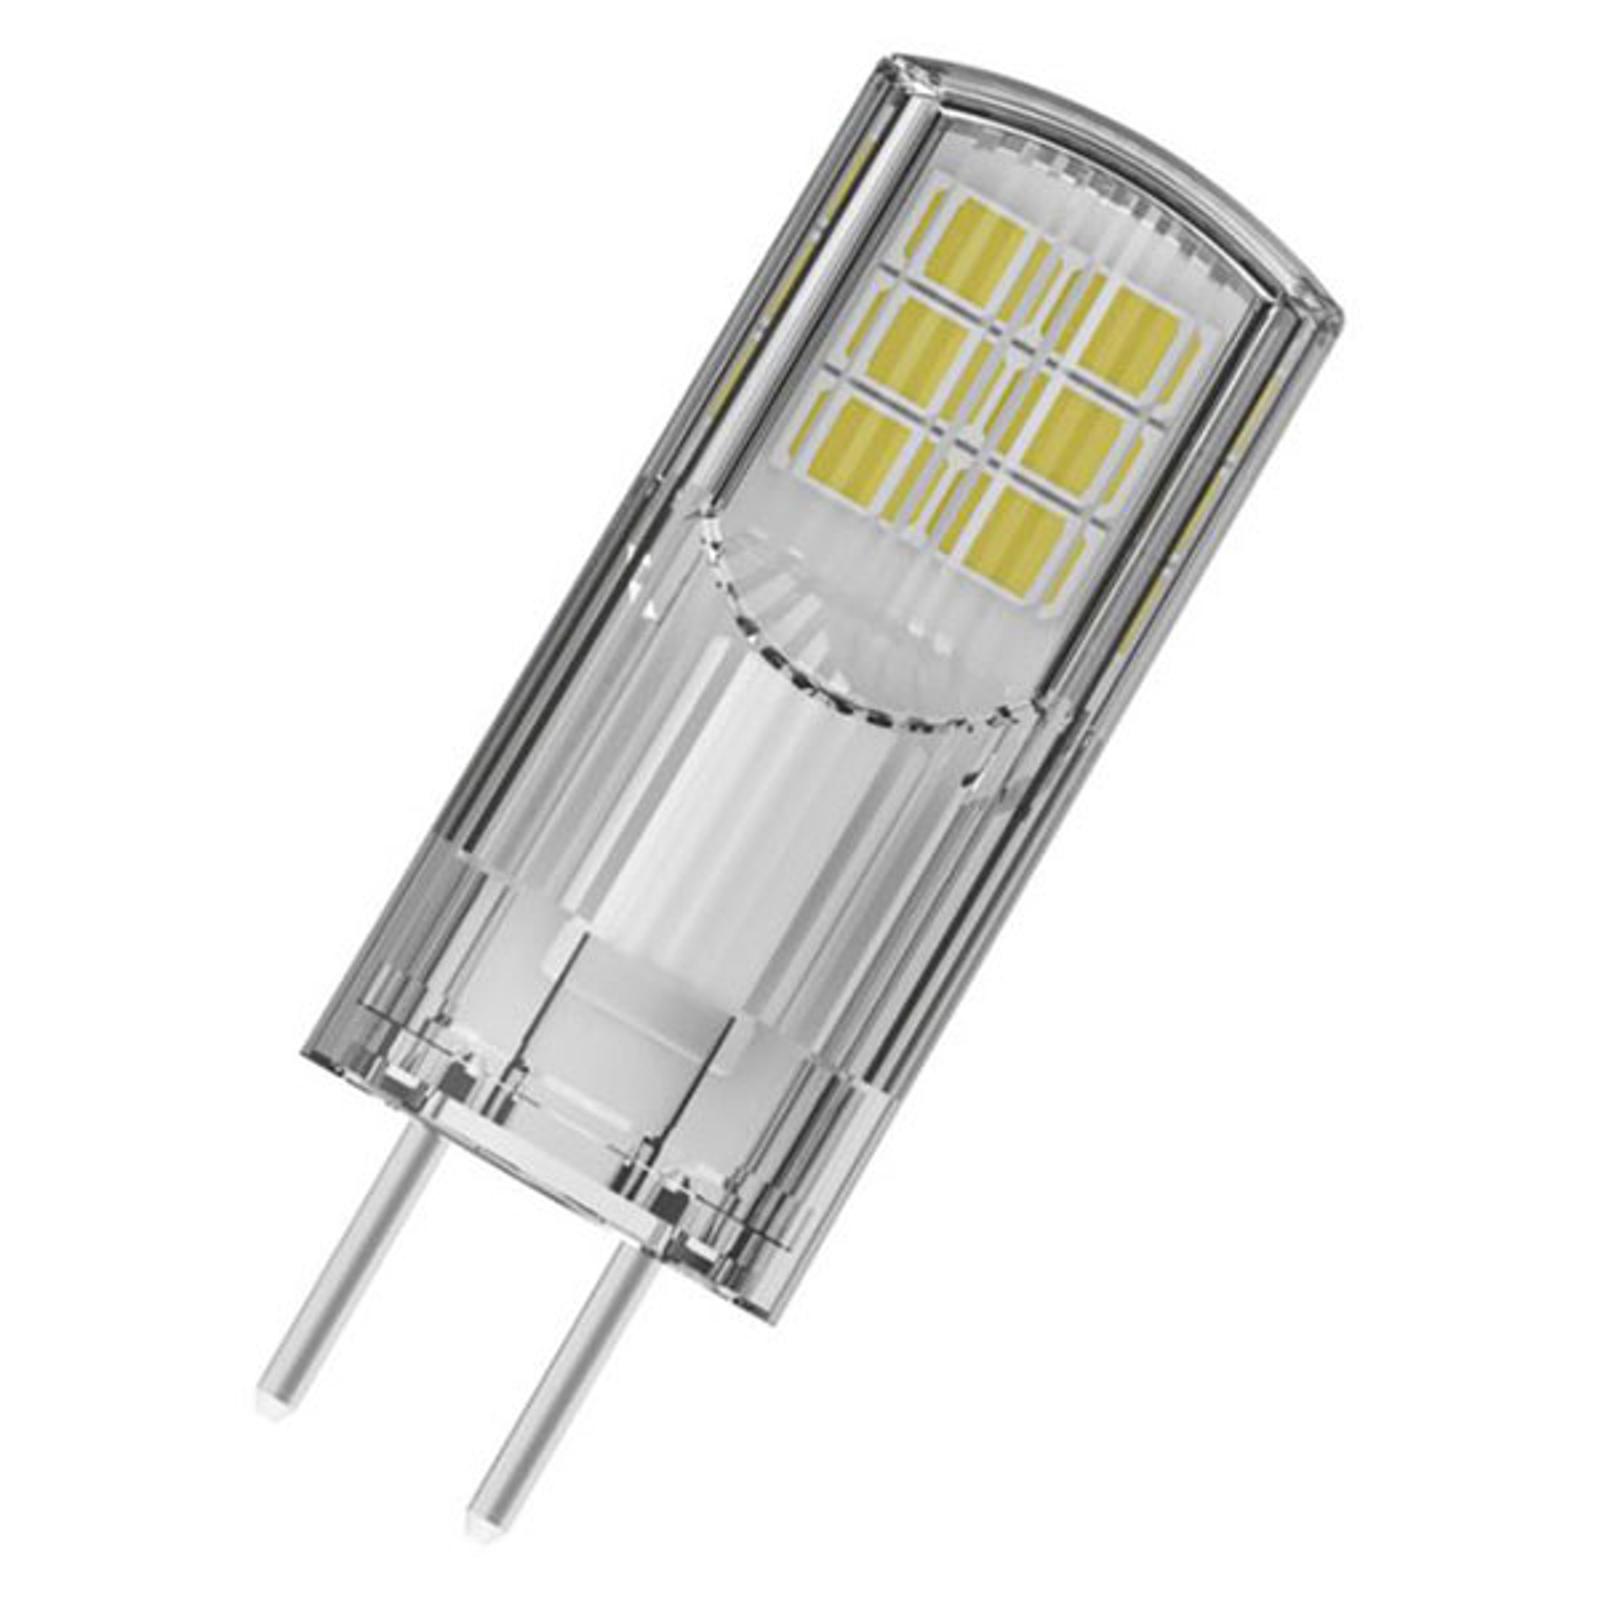 OSRAM LED-Stiftlampe GY6,35 2,6W, warmweiß, 300 lm